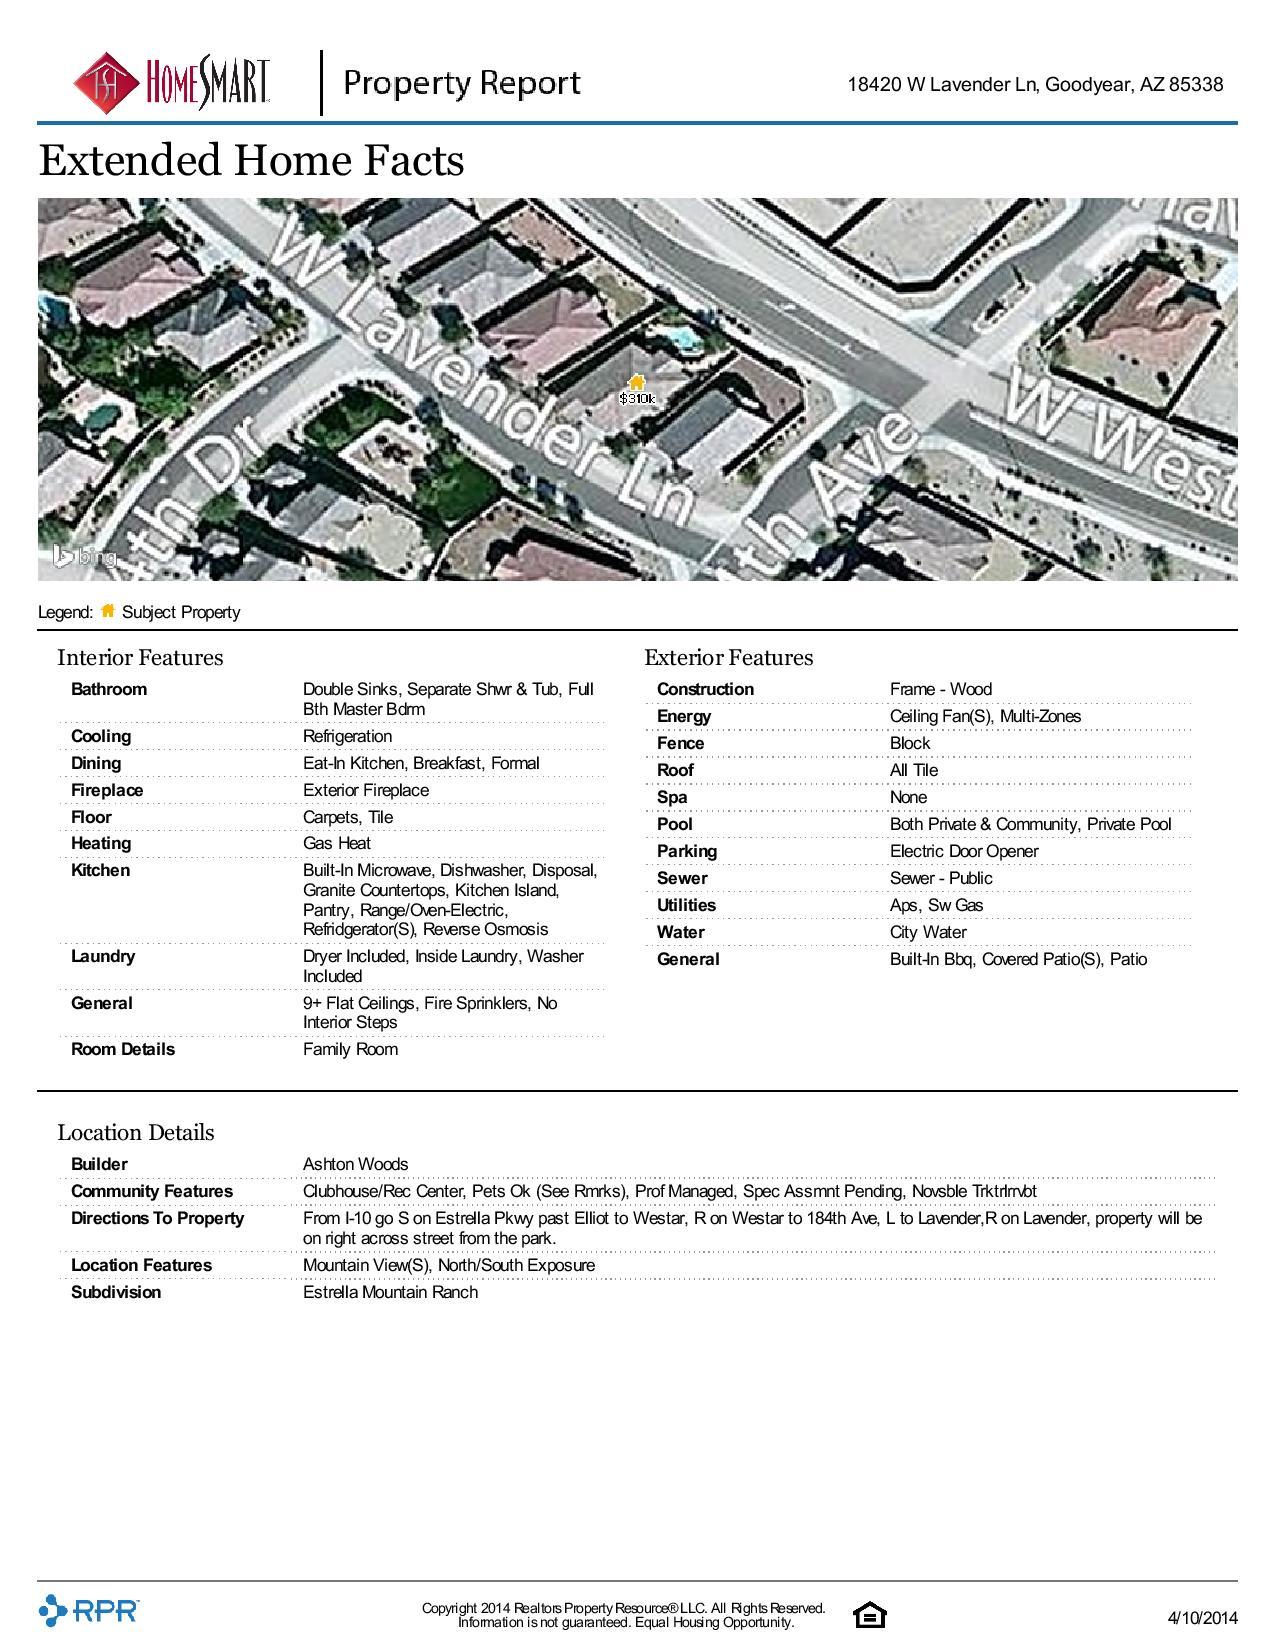 18420-W-Lavender-Ln-Goodyear-AZ-85338-page-004